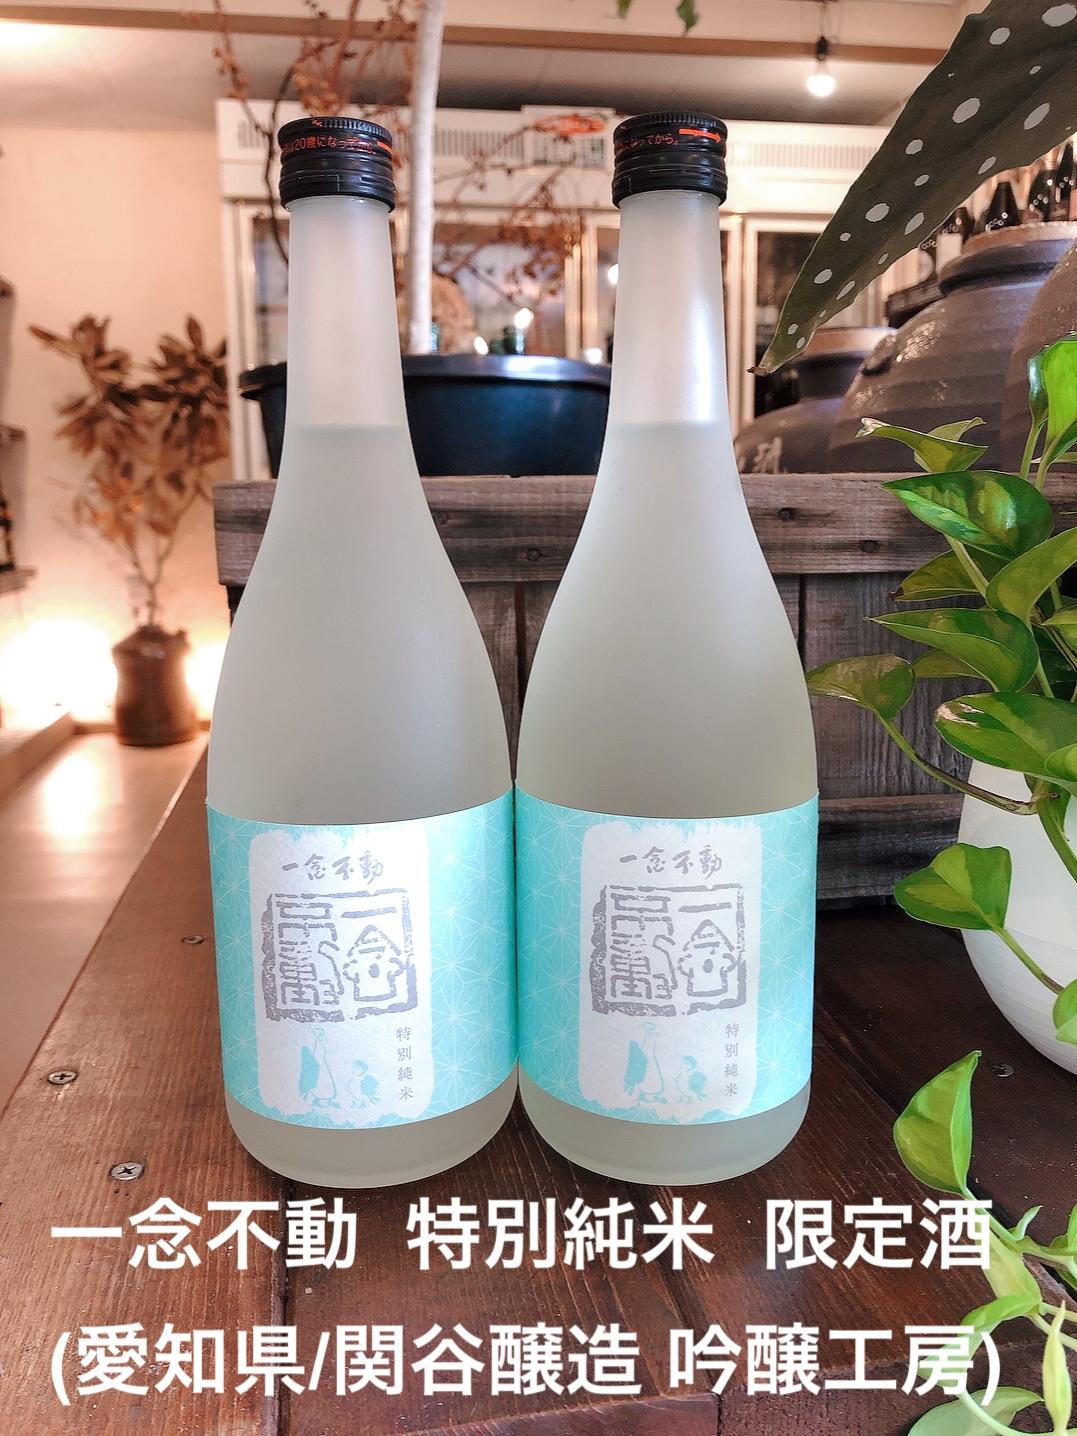 「一念不動」特別純米 夏酒(愛知県/関谷醸造 吟醸工房)